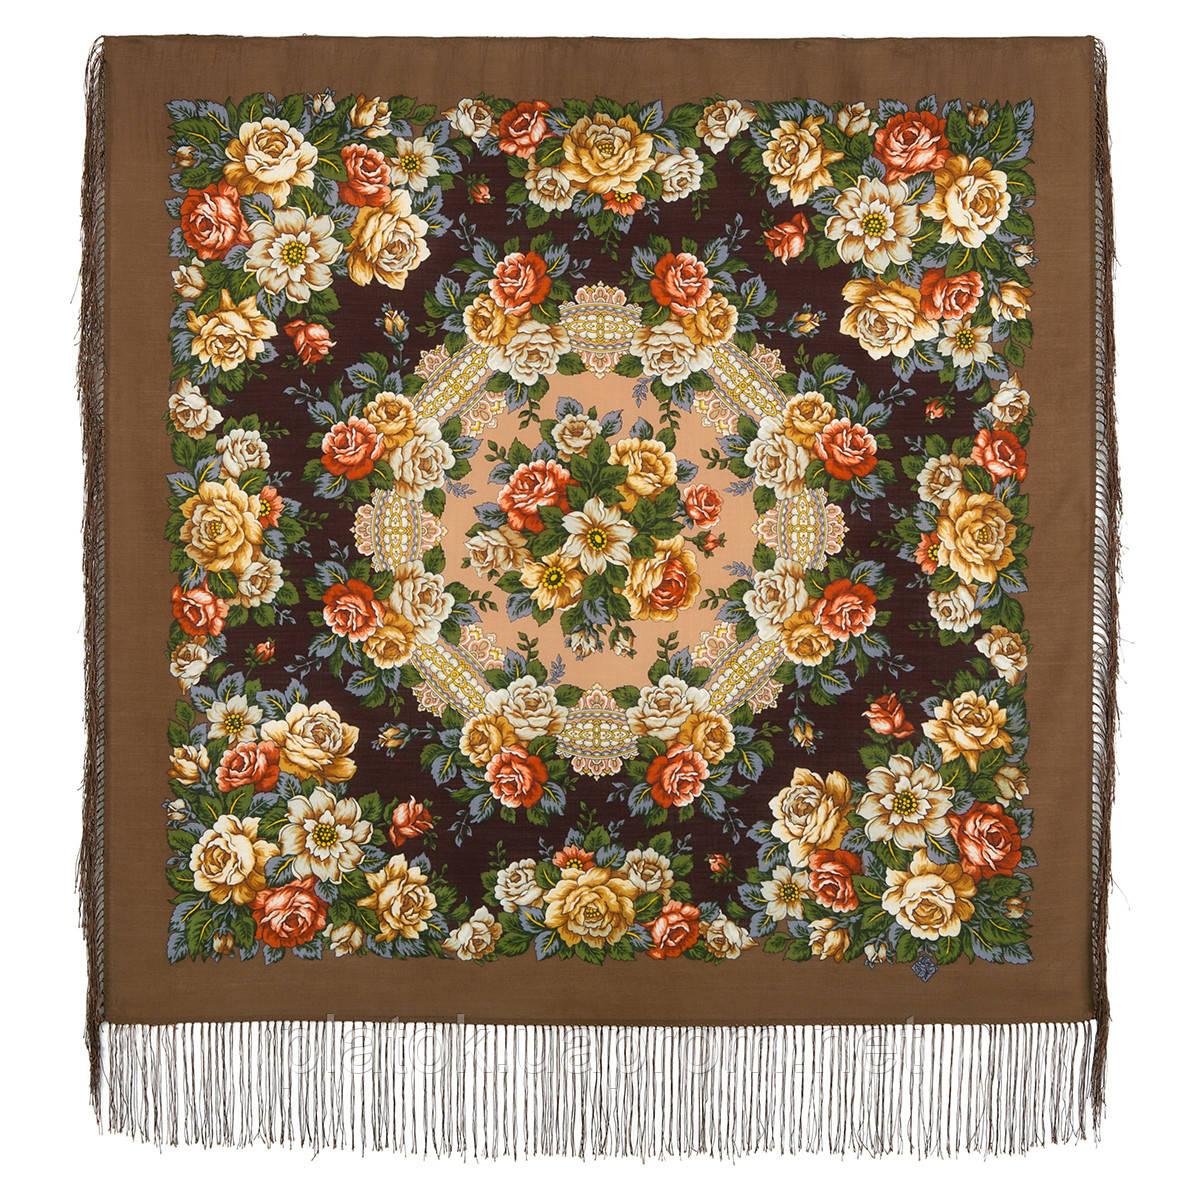 Город роз 1825-16, павлопосадский платок шерстяной  с шелковой бахромой